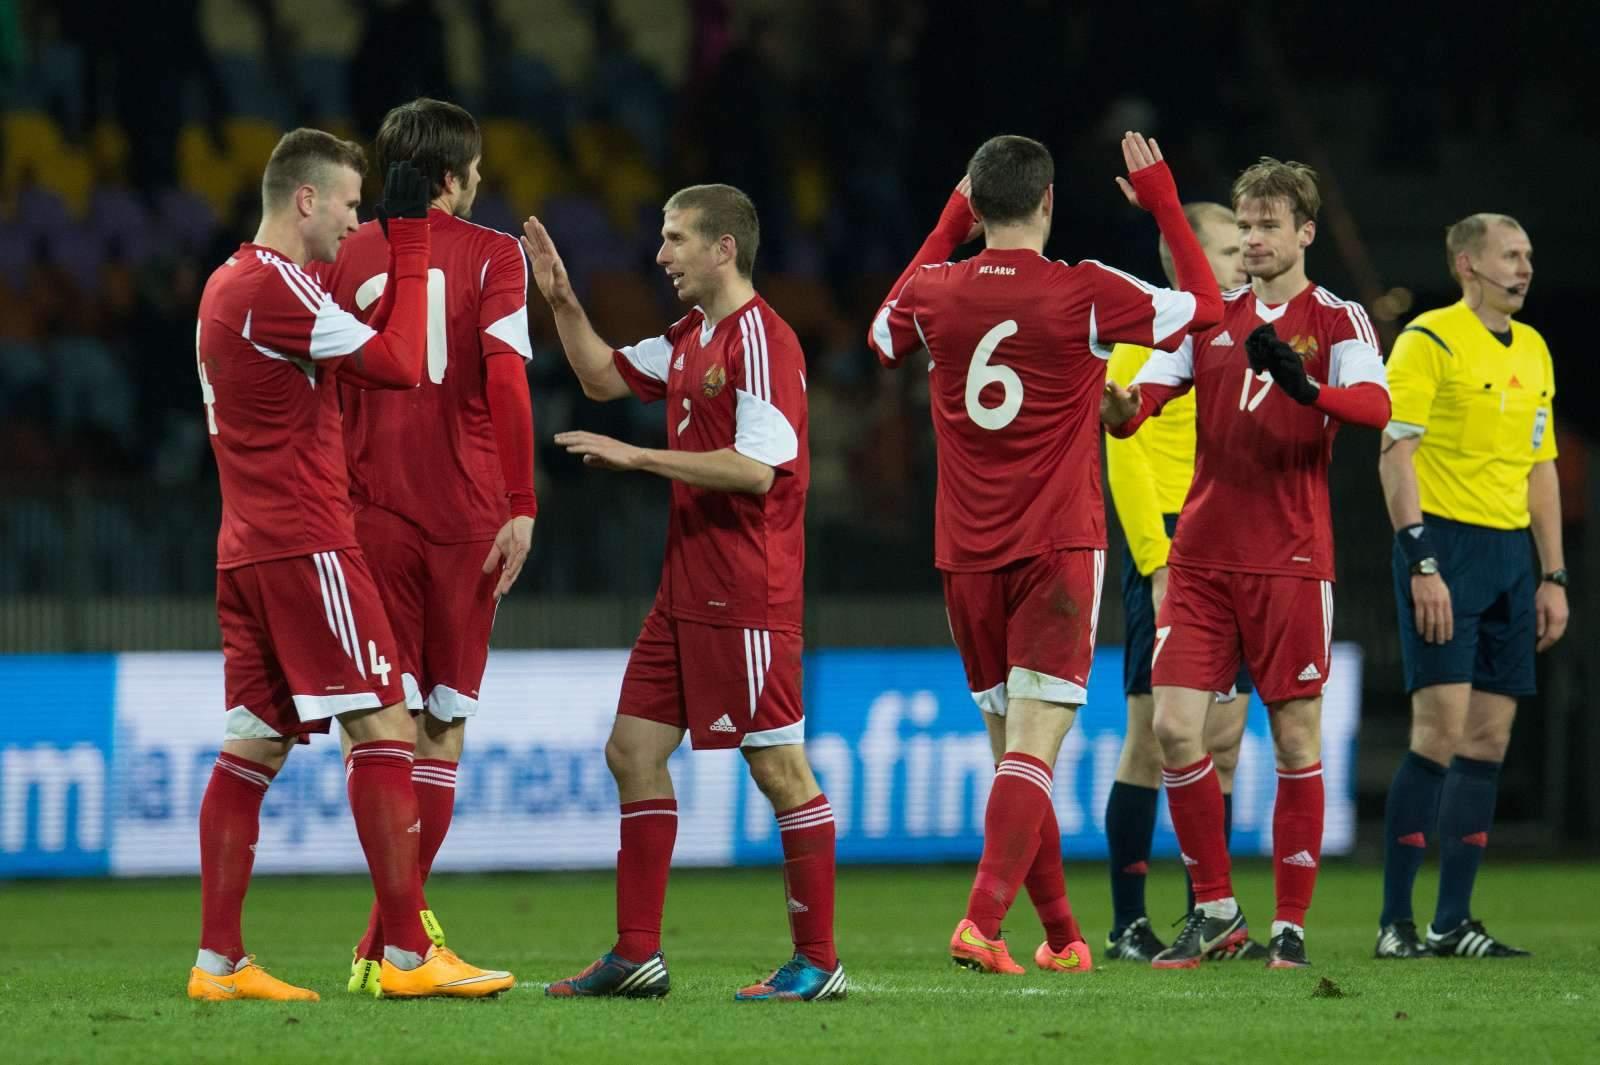 Беларусь не смогла одолеть Гондурас, играя почти тайм вдесятером